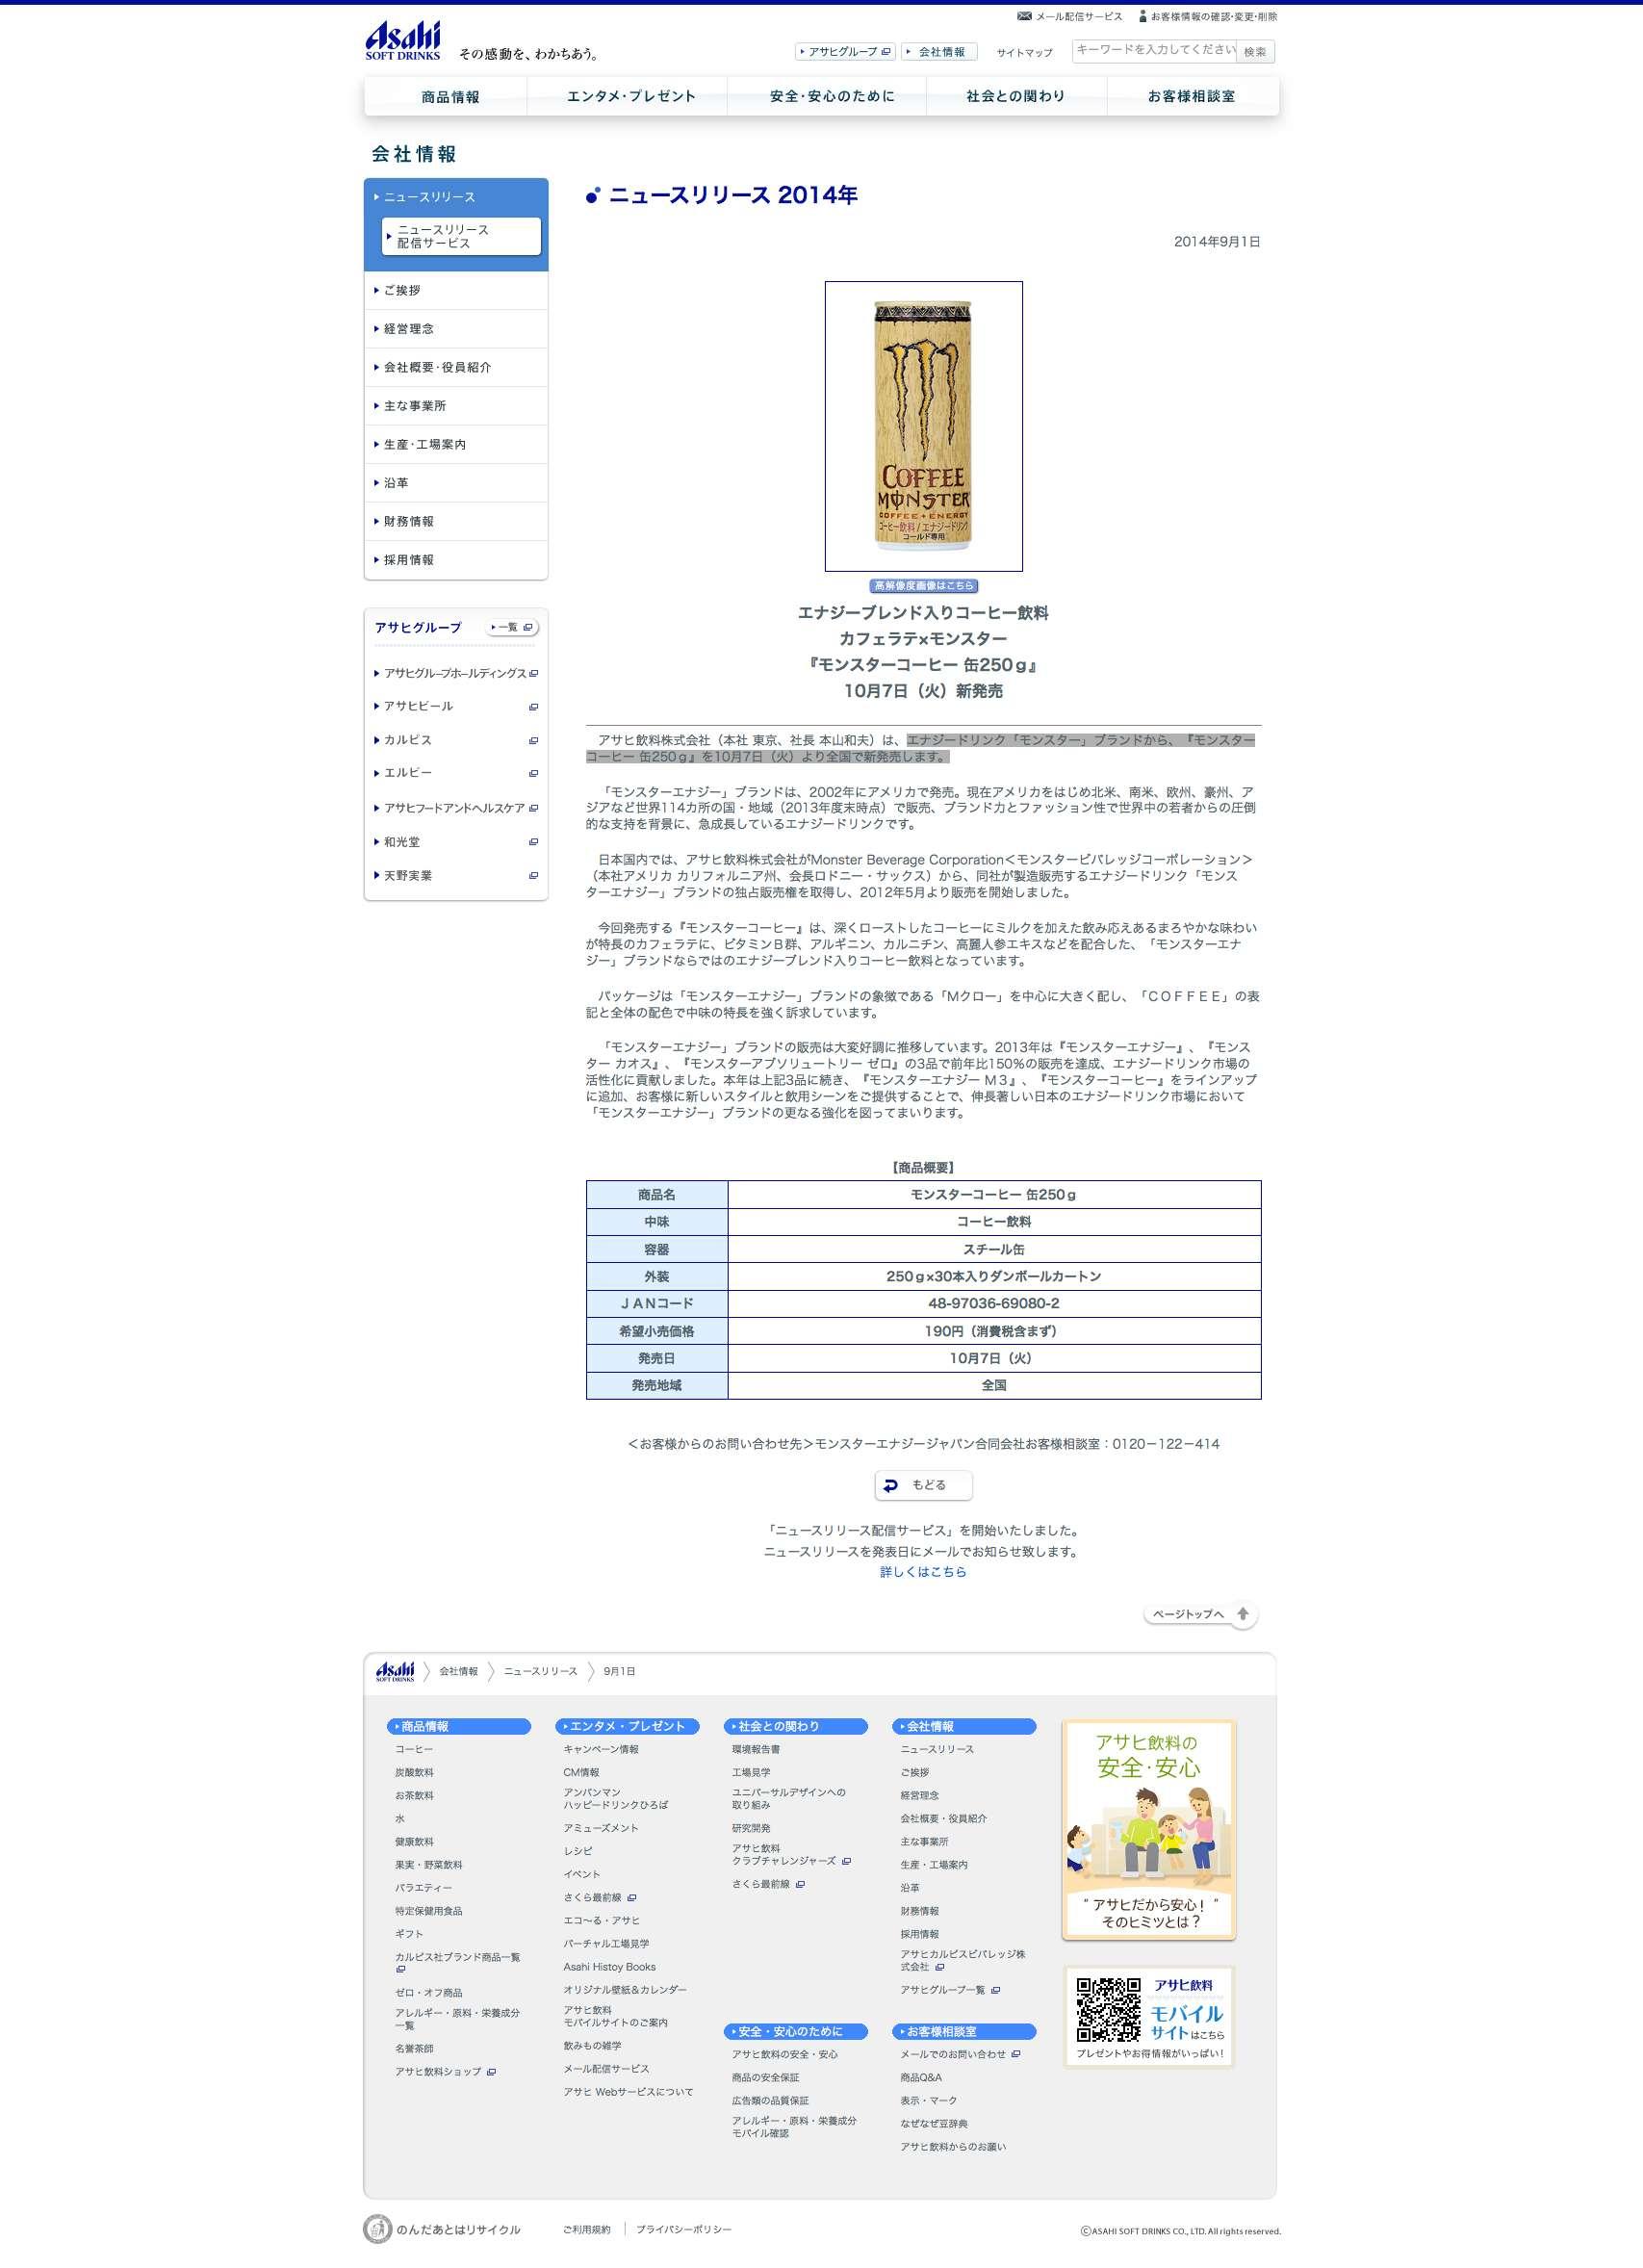 カフェラテ×モンスター「モンスターコーヒー」新発売|ニュースリリース 2014年|会社情報|アサヒ飲料